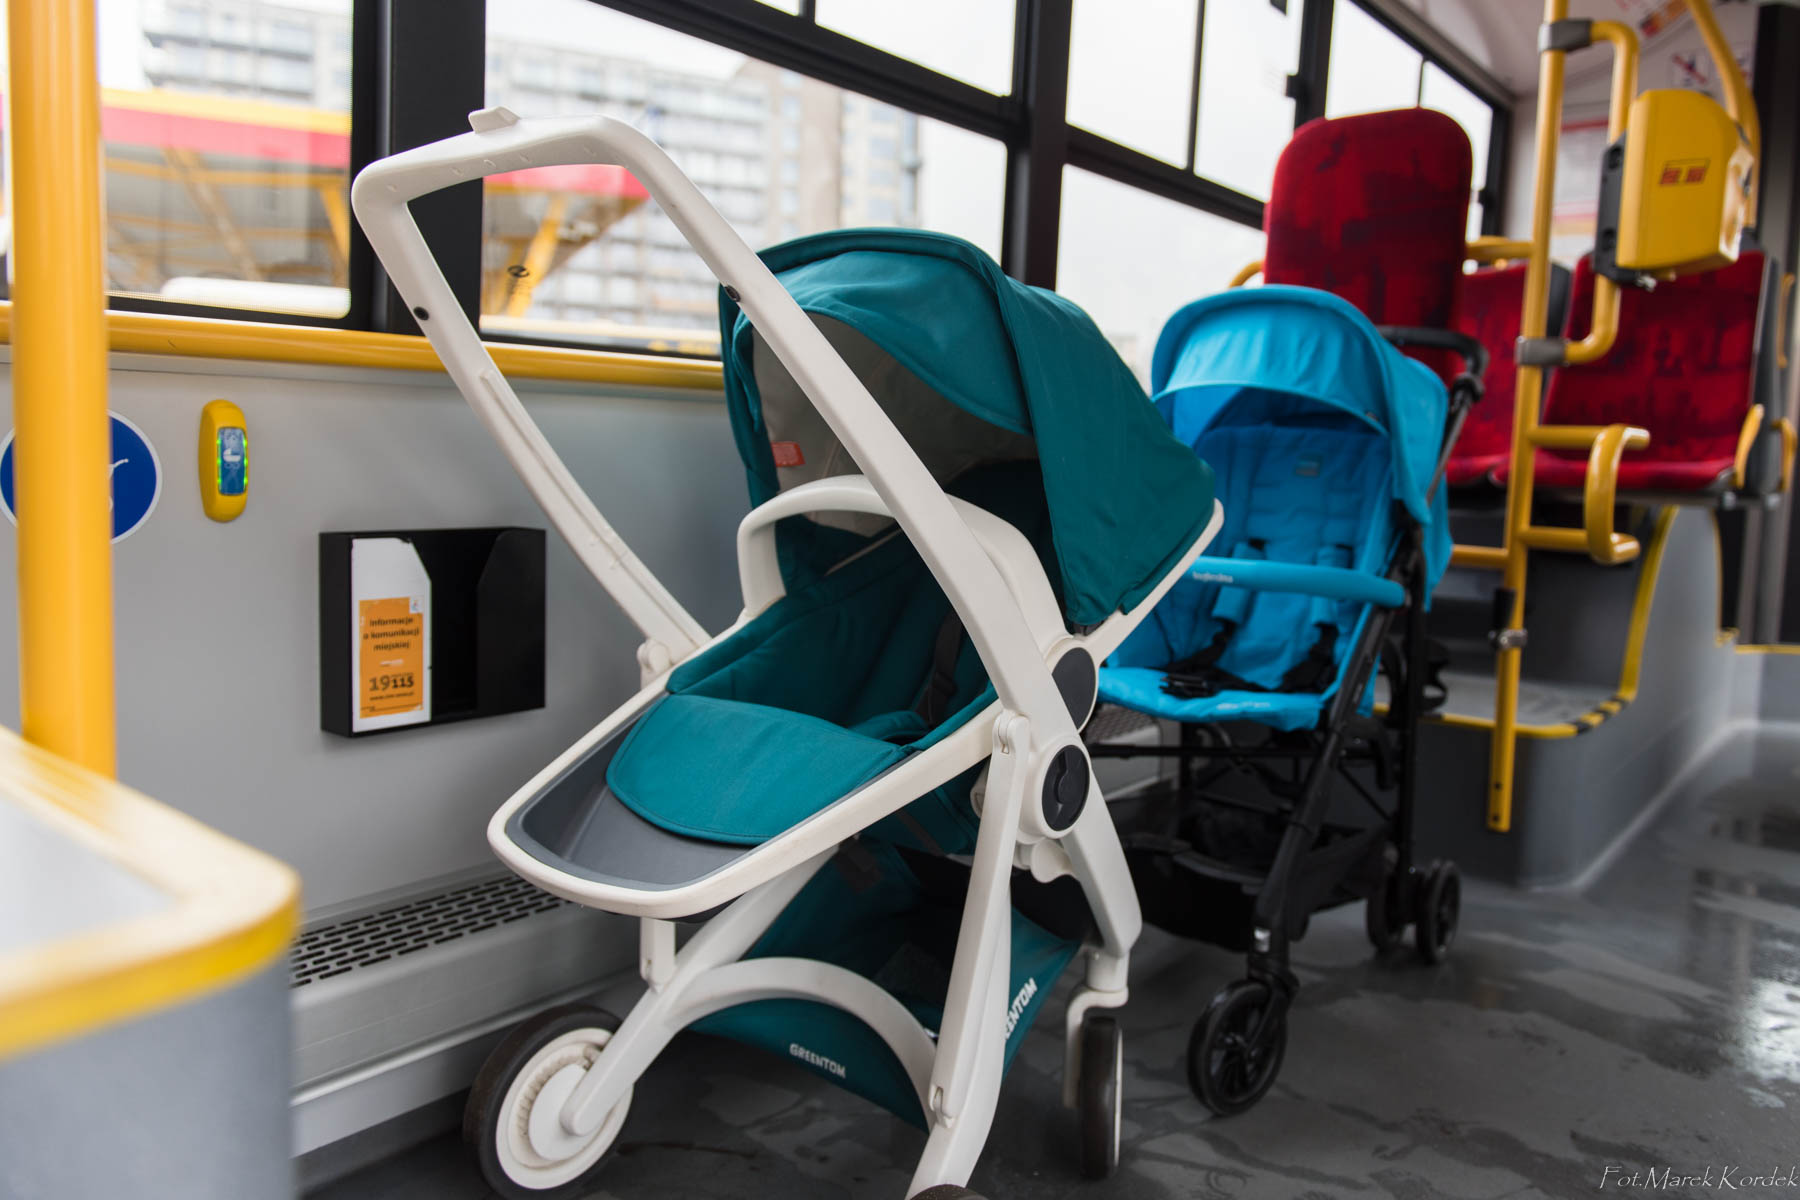 jak bezpiecznie przewozić wózek w autobusie wózki stoją prawidłowo